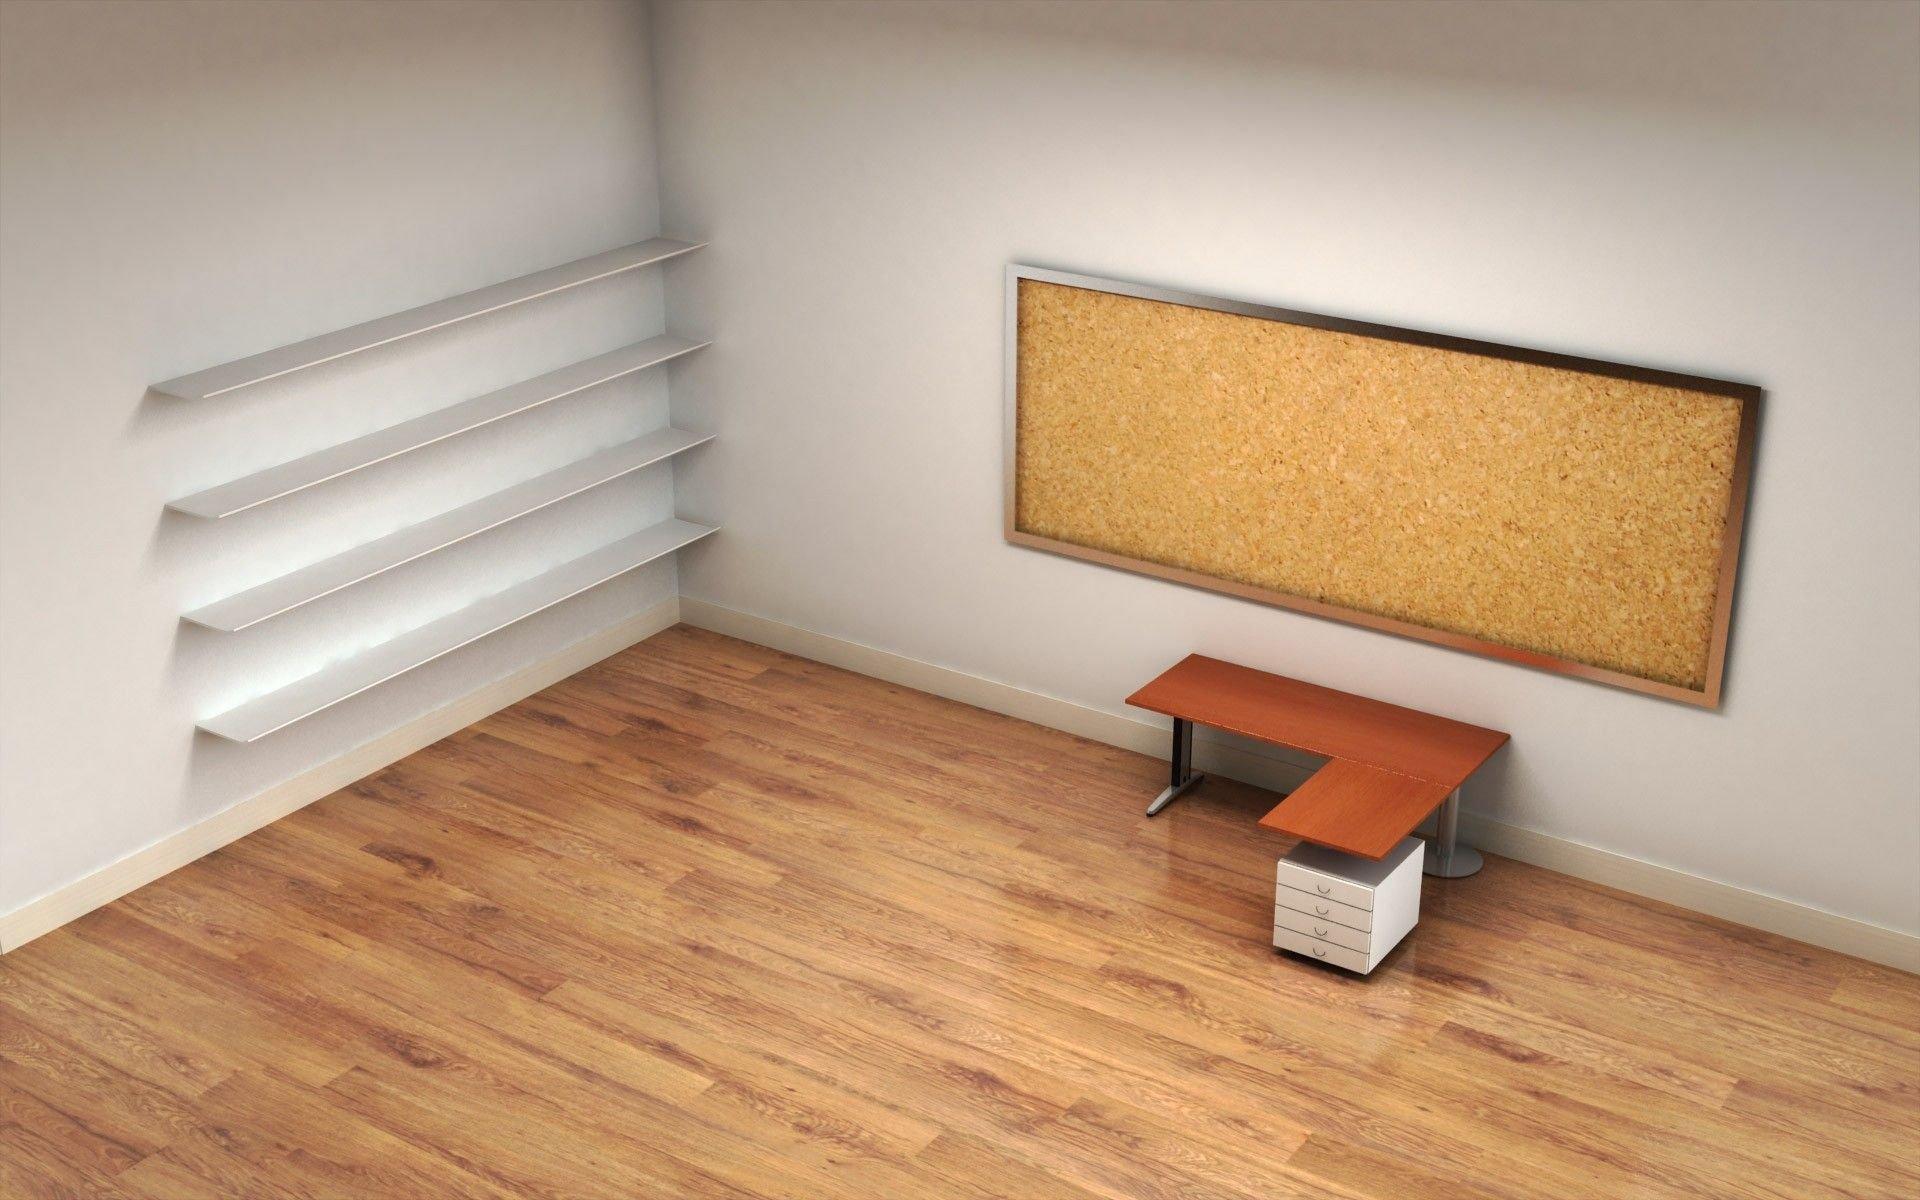 прямоугольник картинки для рабочего стола для офиса во весь экран попытке